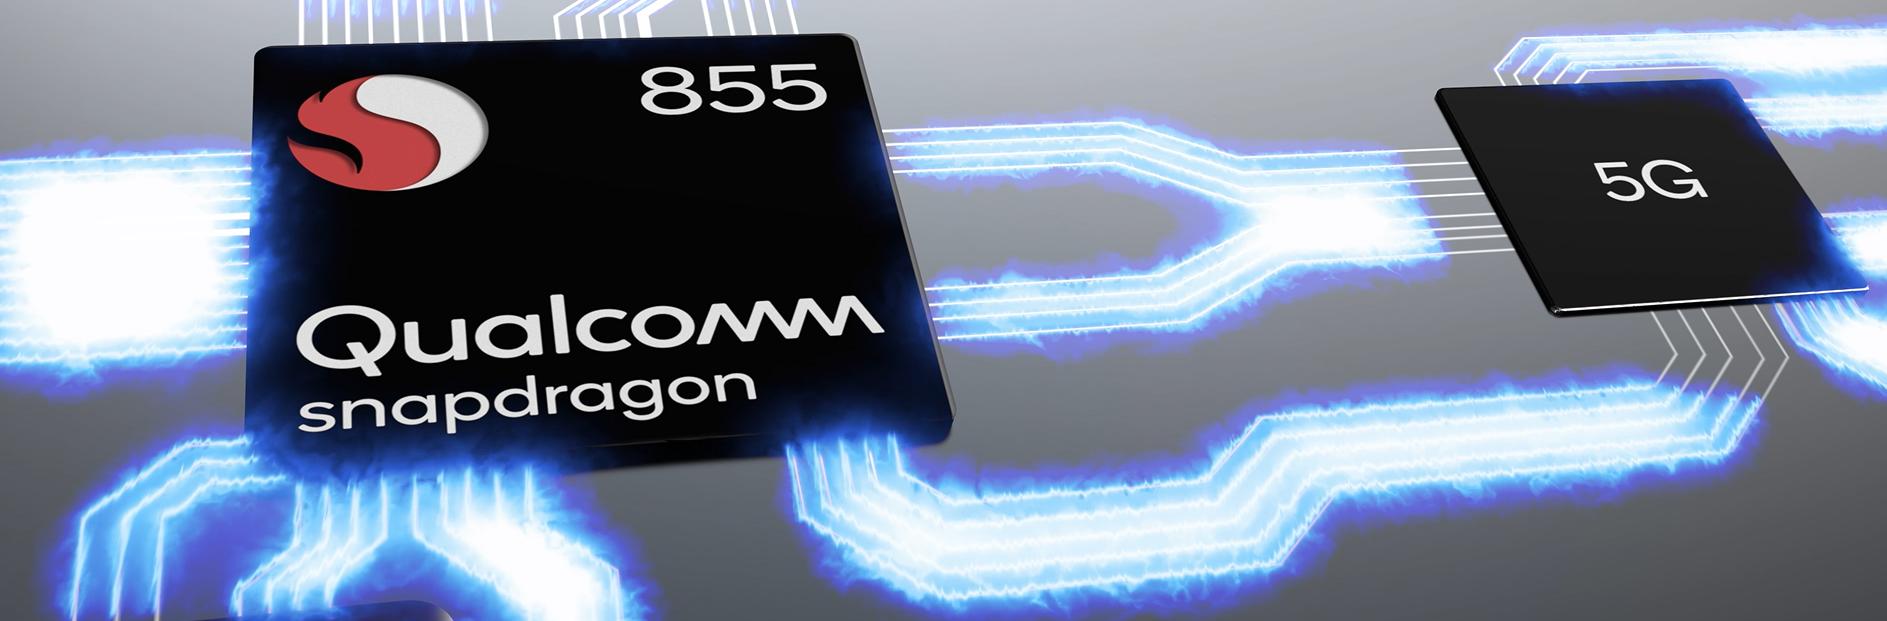 Segera Dirilis, Samsung Galaxy Note 10 Plus Mengusung Snapdragon 855+